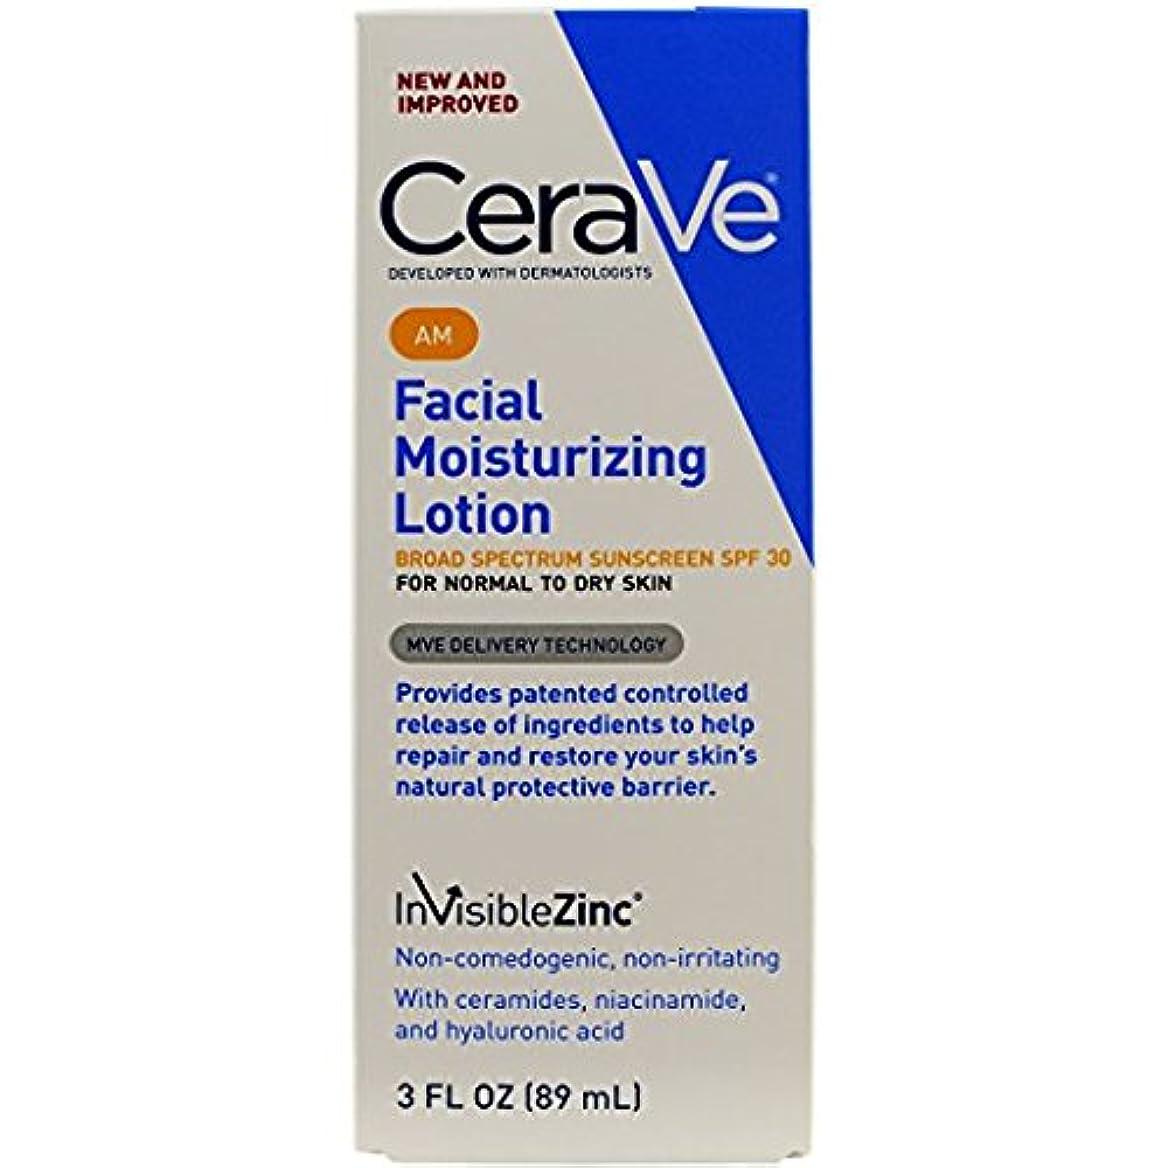 断線メイド黒板CeraVe モイスチャライザーAM(SPF30) - Moisturizing Facial Lotion AM, SPF 30 (89ml) (海外直送品) [並行輸入品]